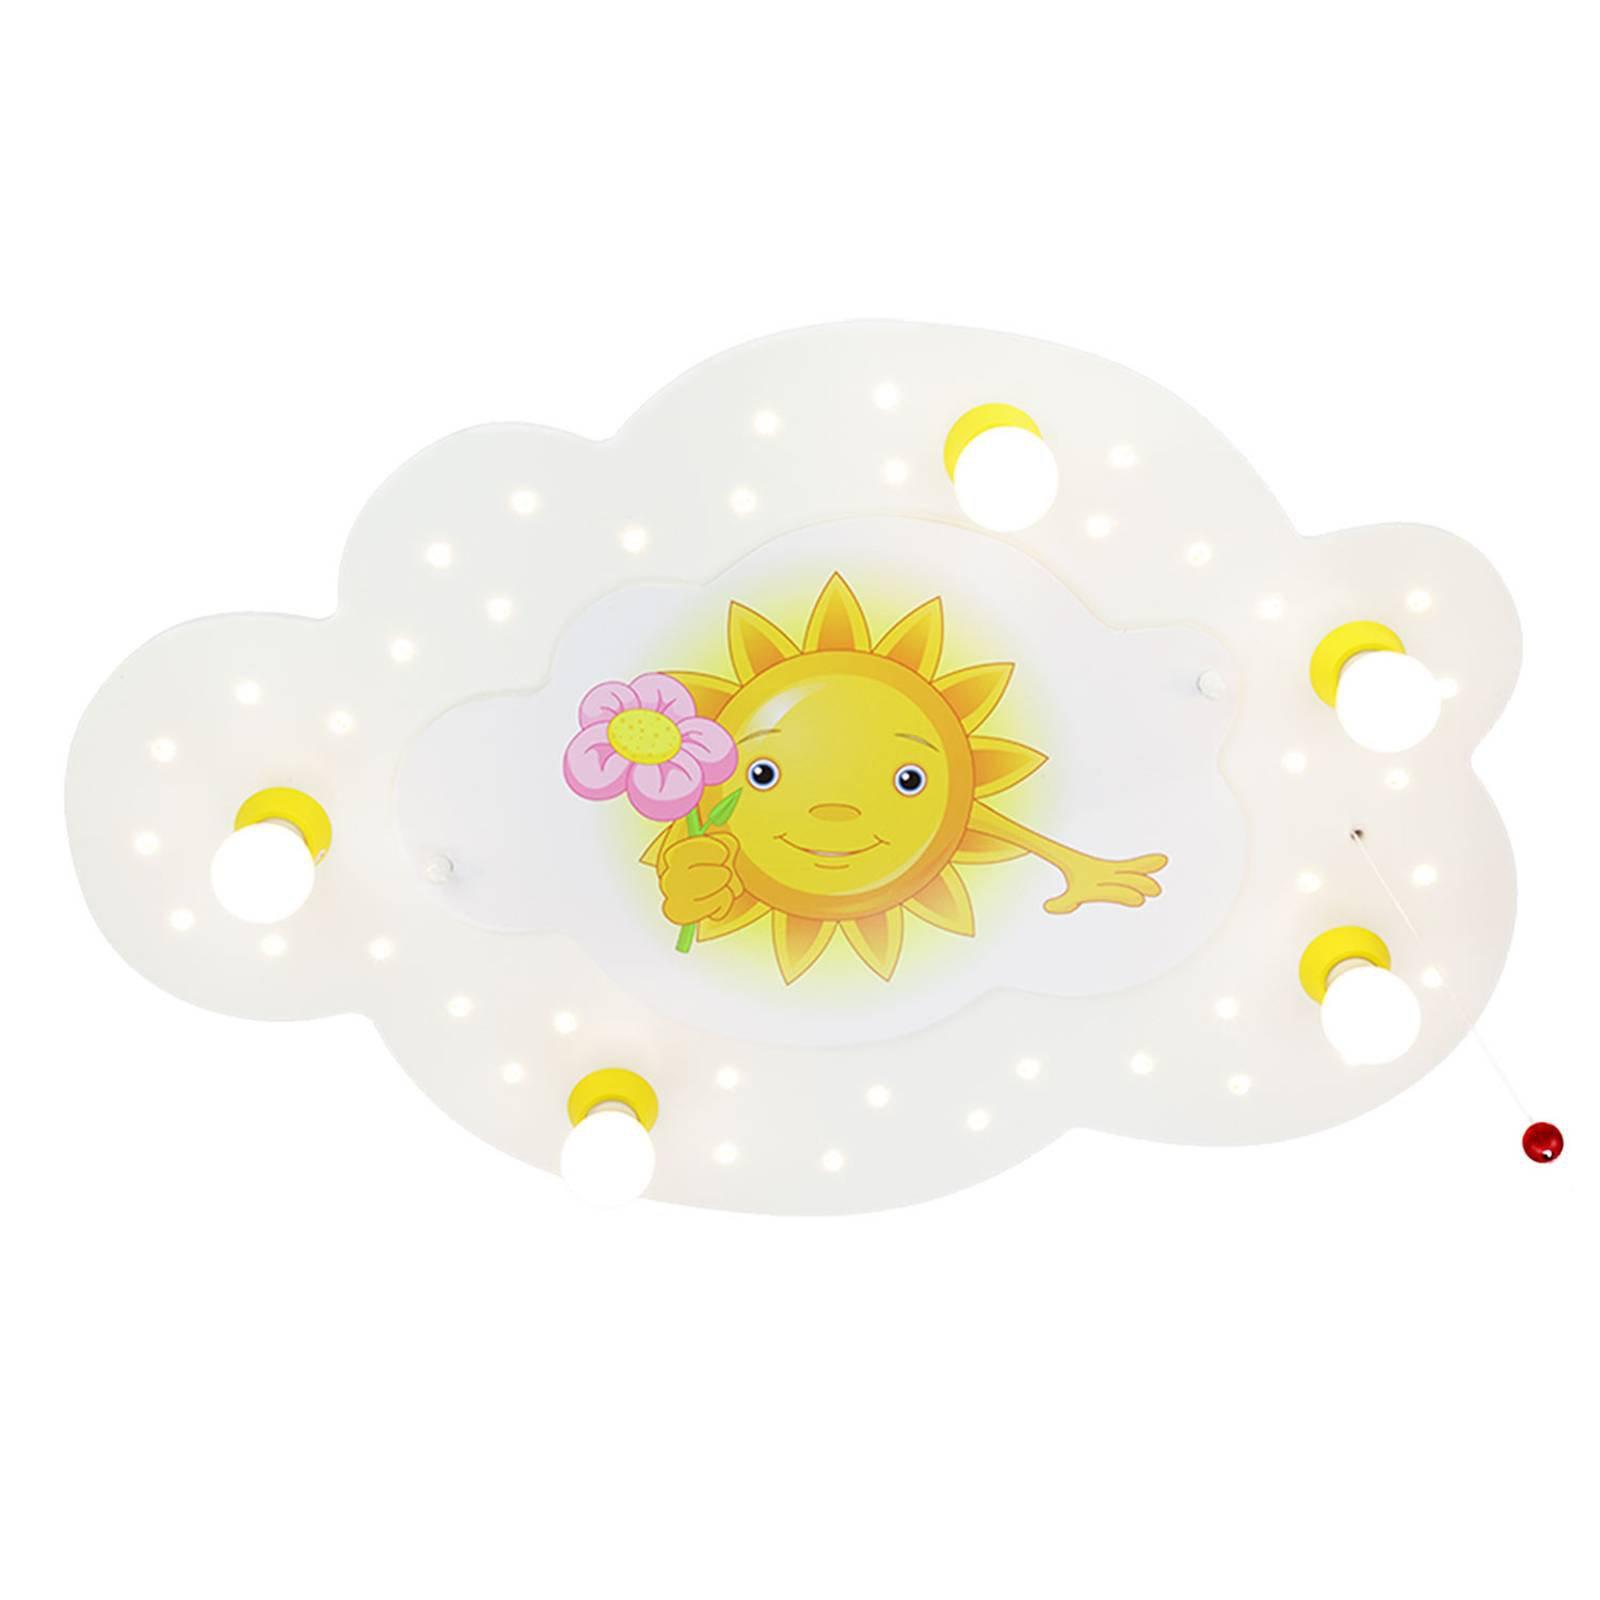 Taklampe Sun med blomst, 5 lyskilder, hvit